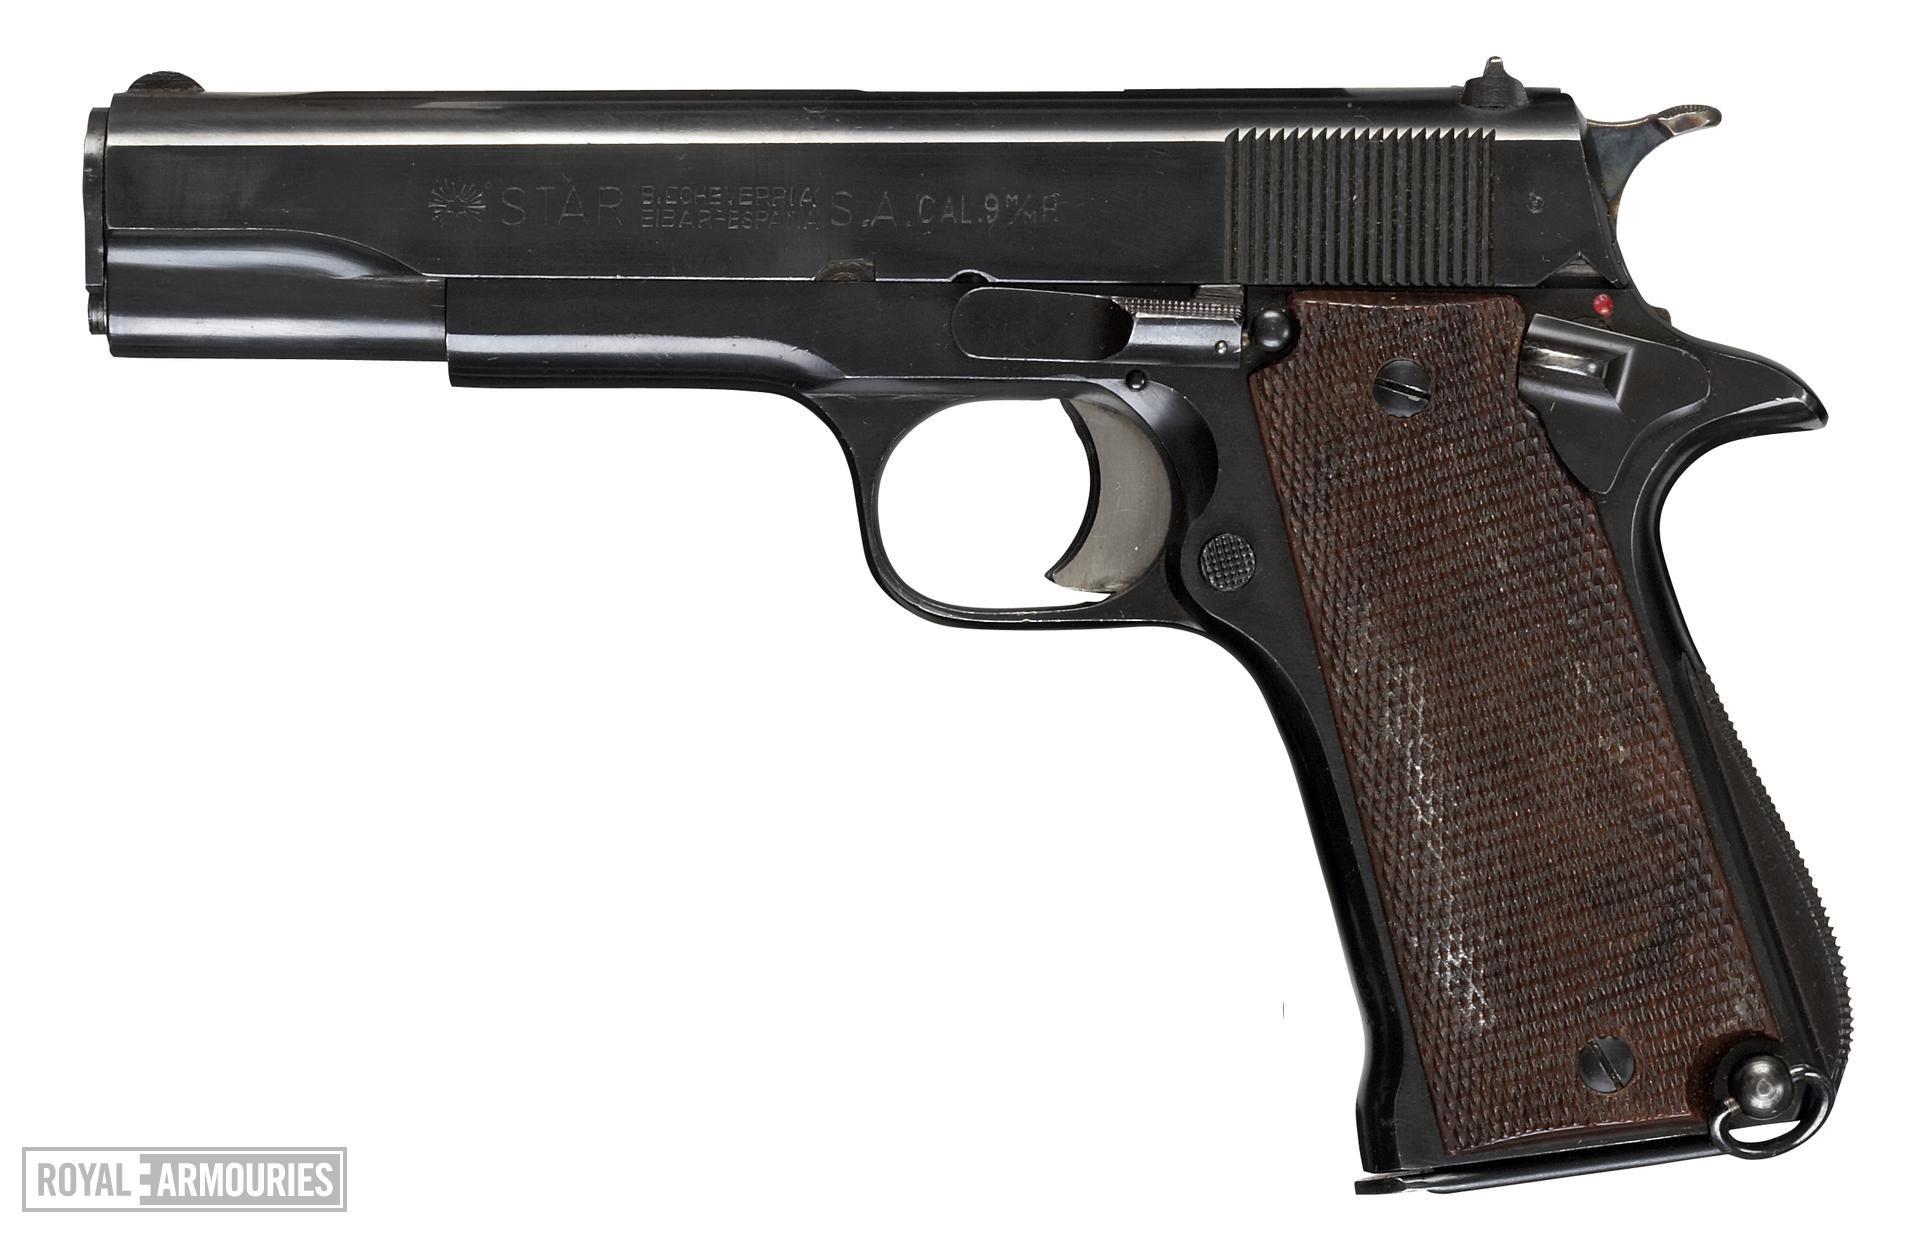 Centrefire self-loading pistol - Star Model B